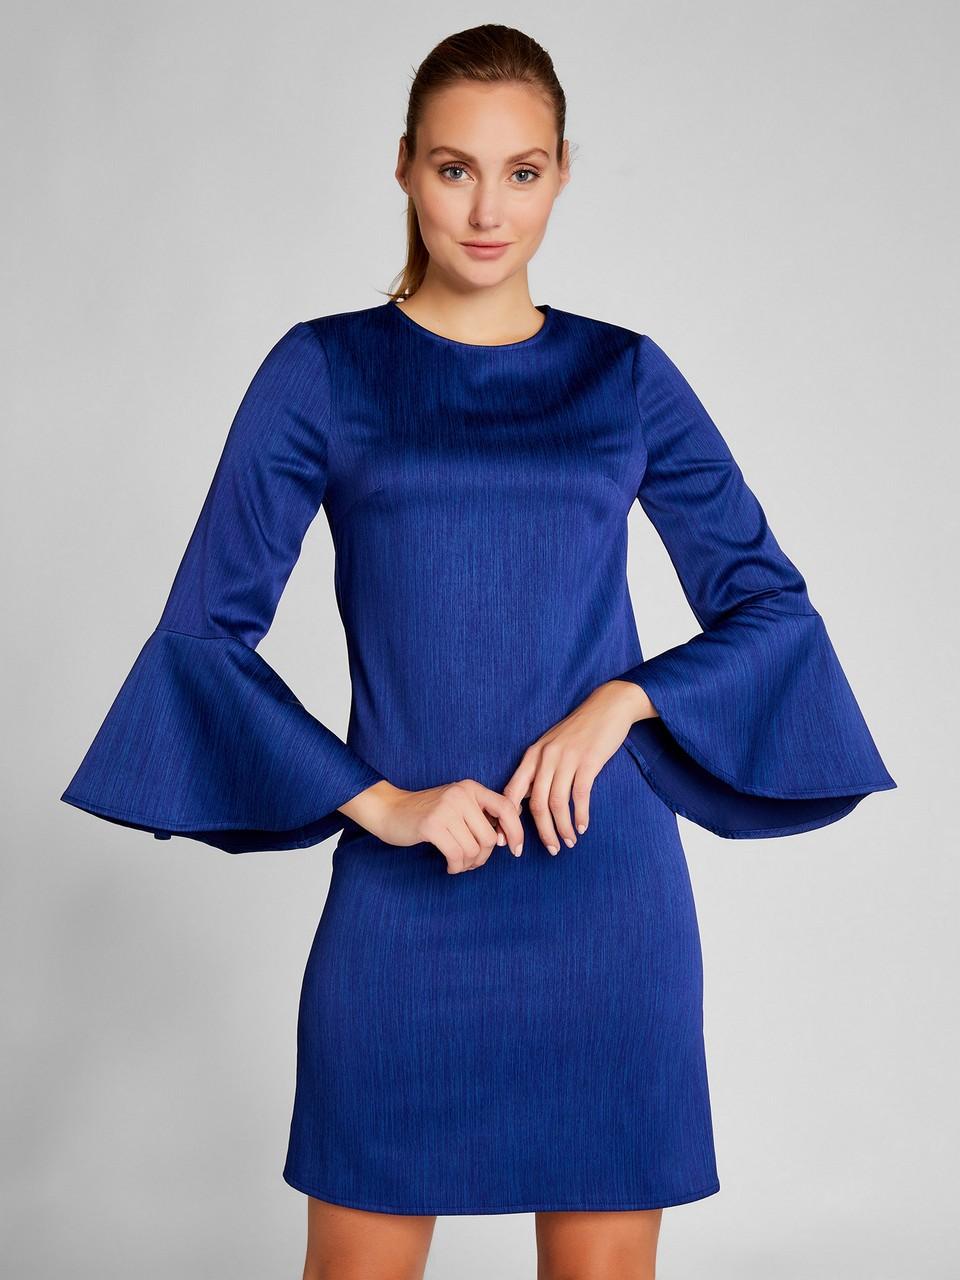 Kolları Volanlı Mini Saten Elbise